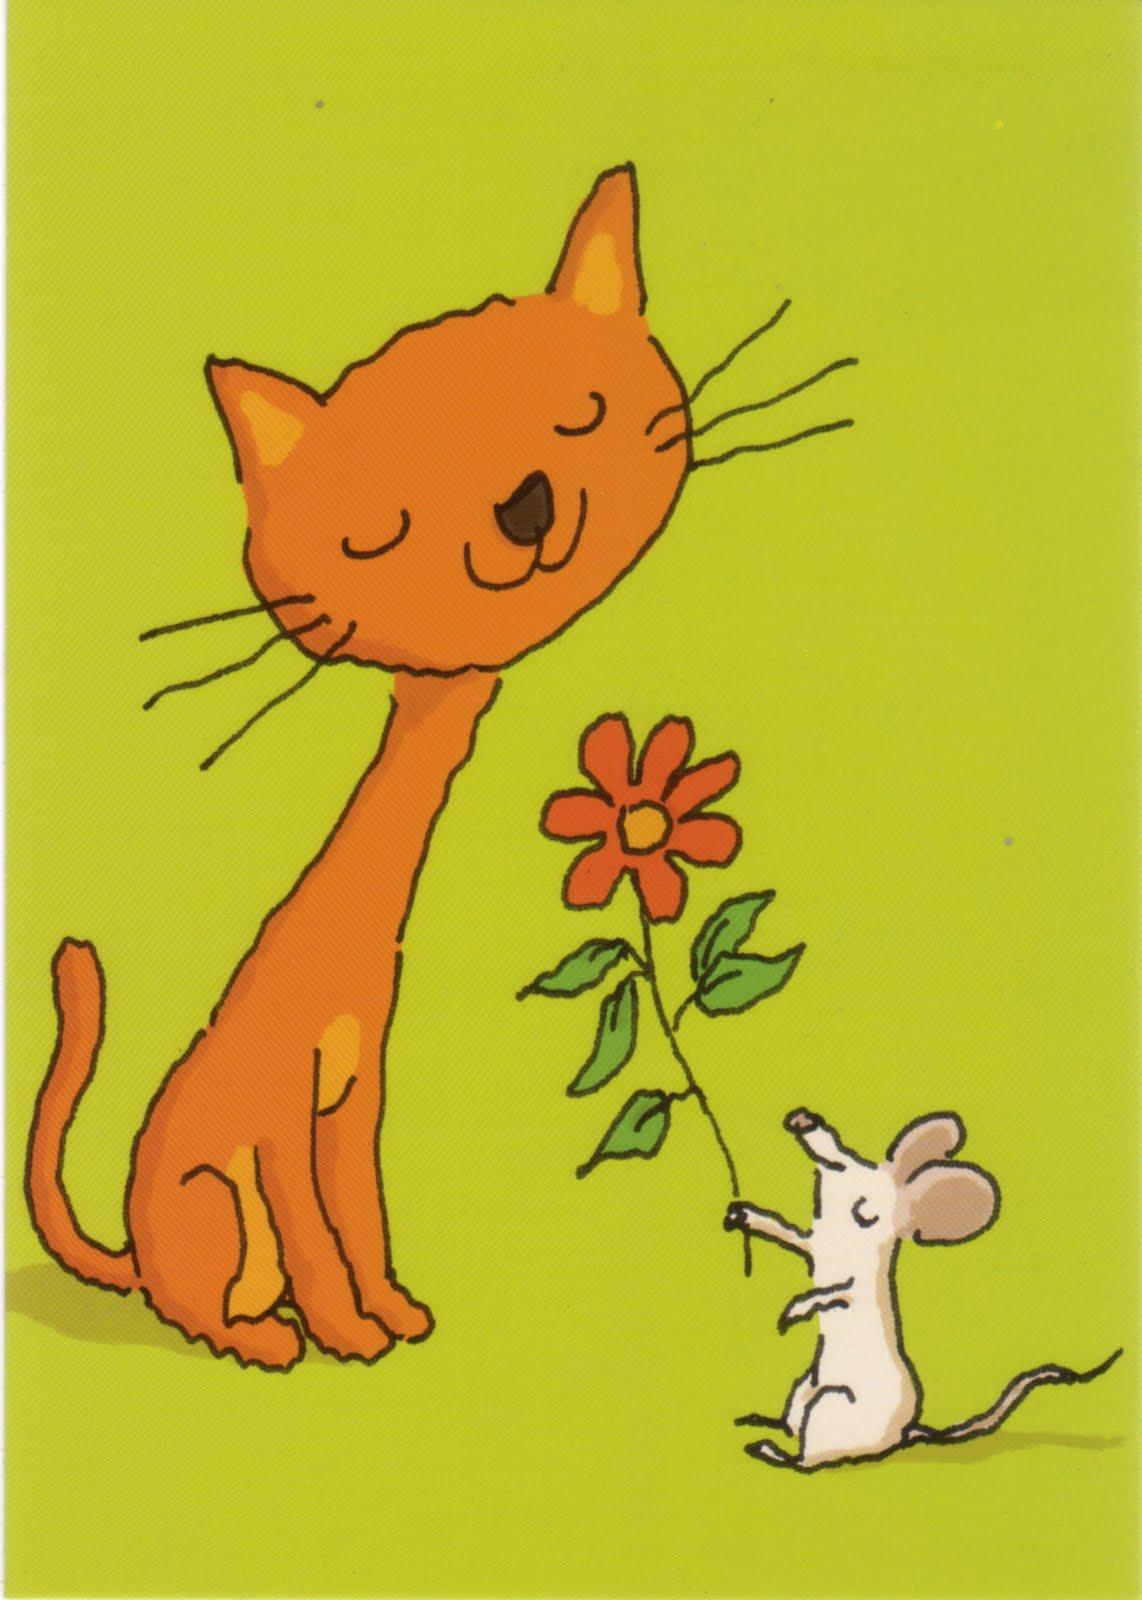 Как нарисовать открытку для своего друга или подруги